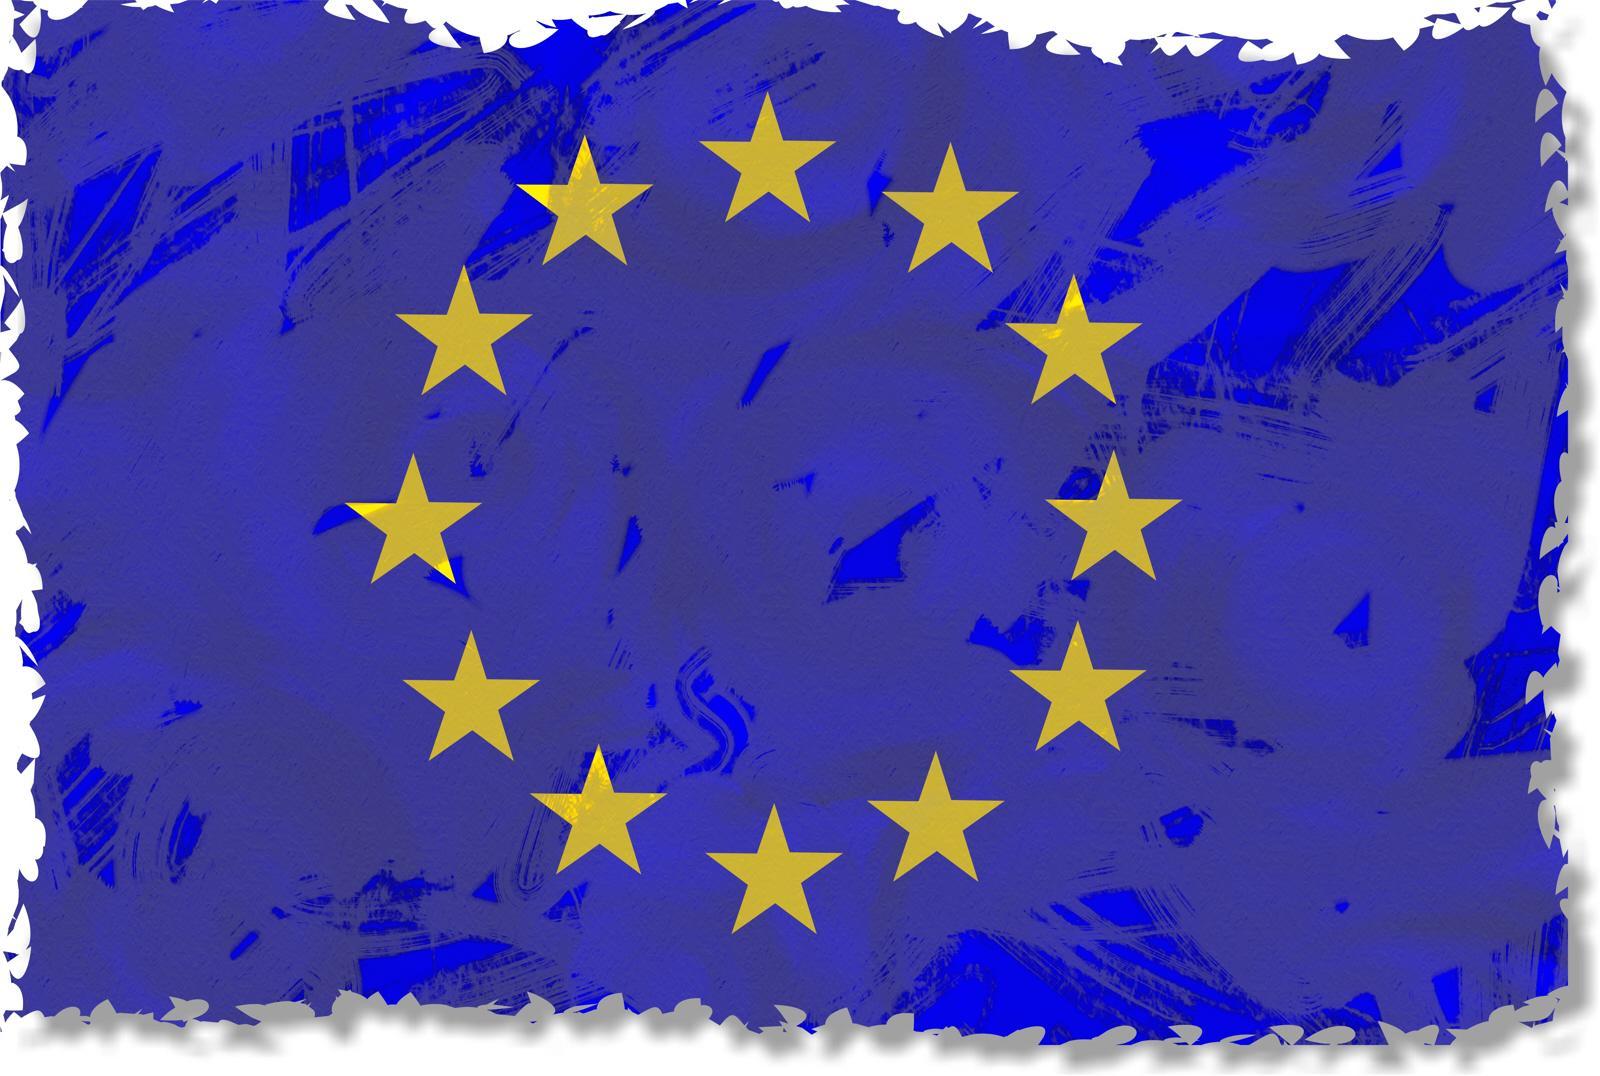 grunge-eu-flag.jpg